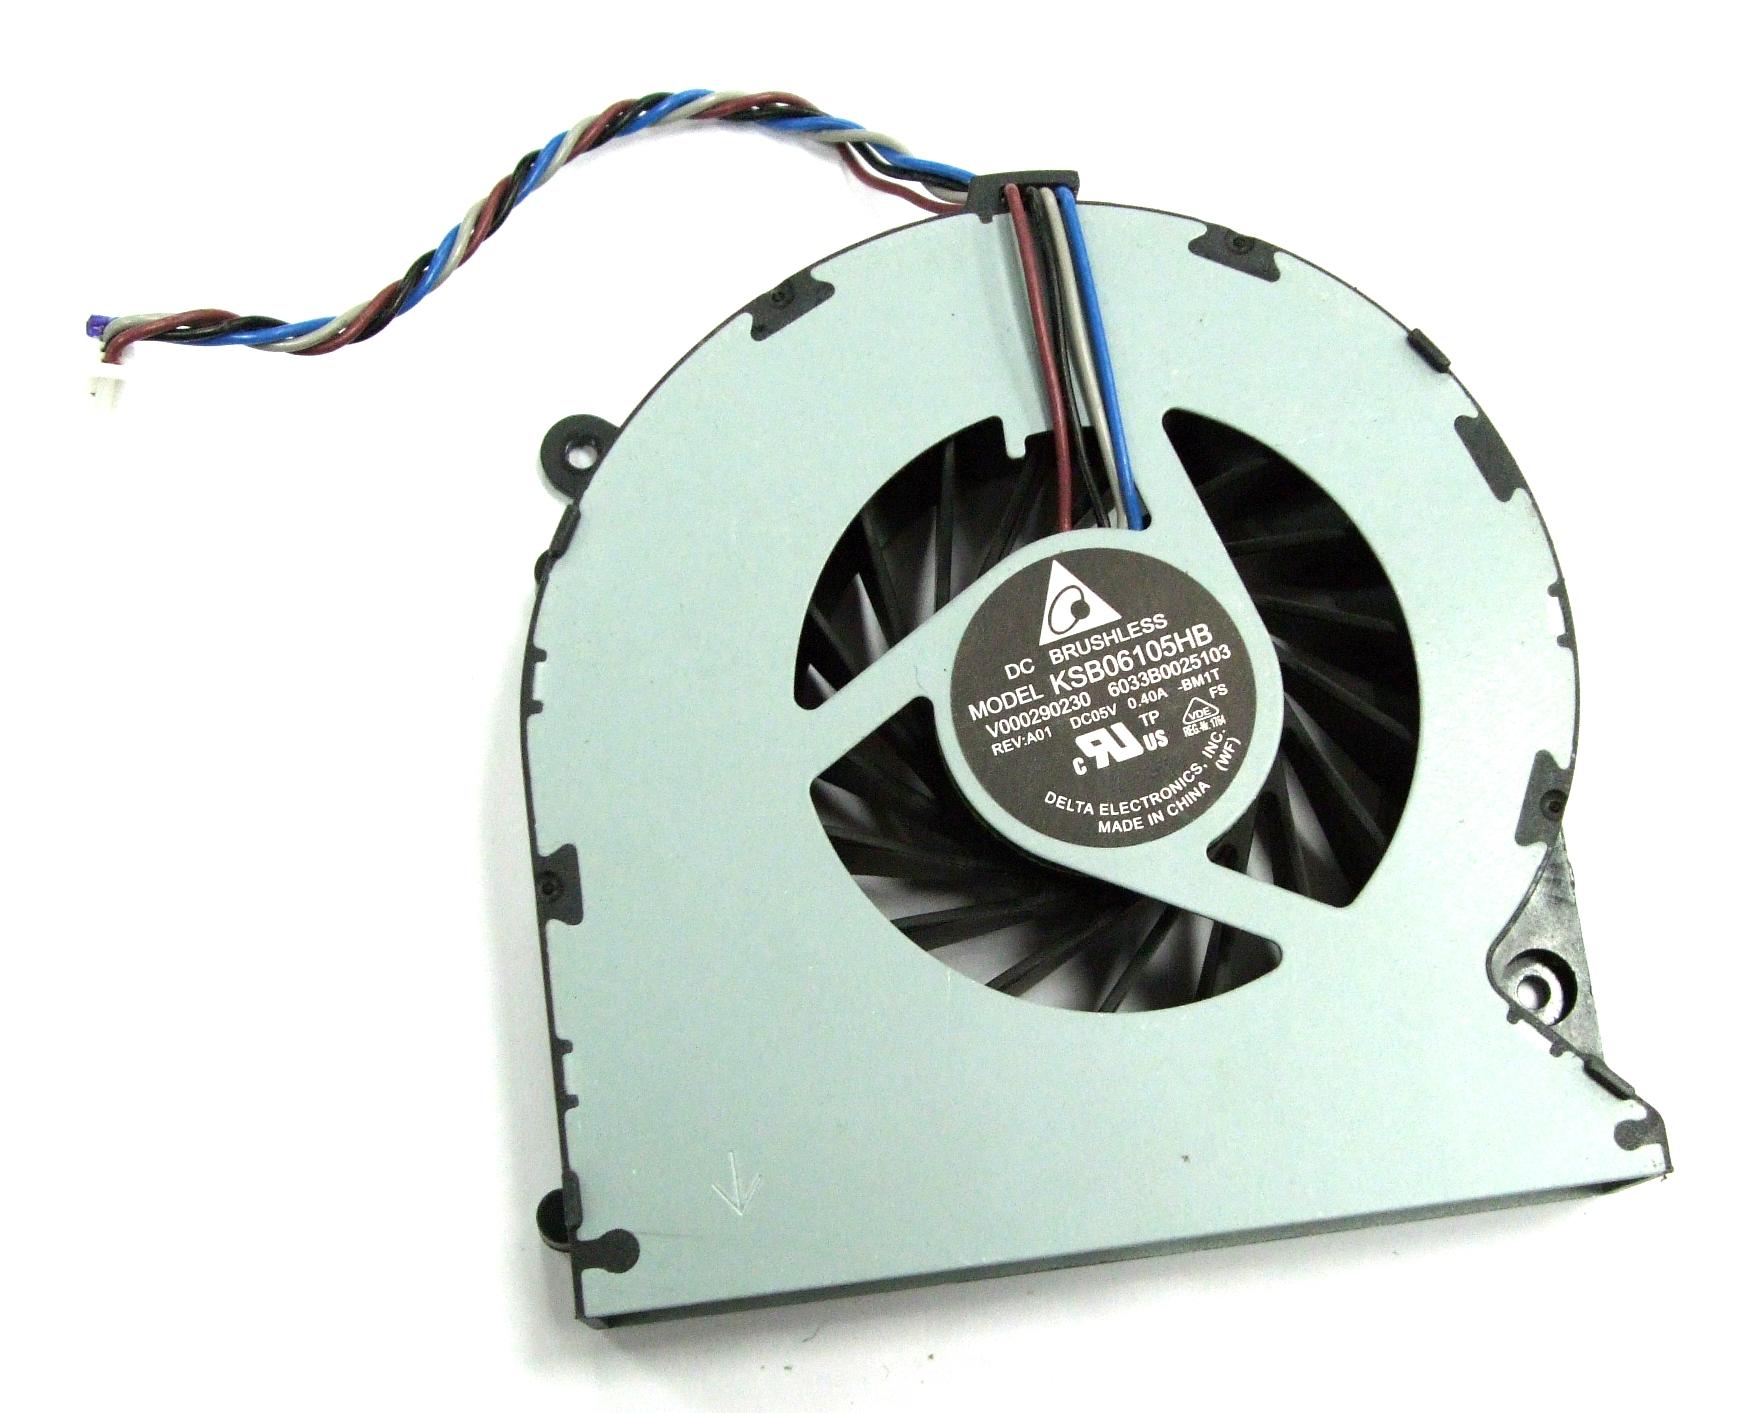 Electronic Cooling Fans : Ksb hb bm t delta electronics v a cooling fan